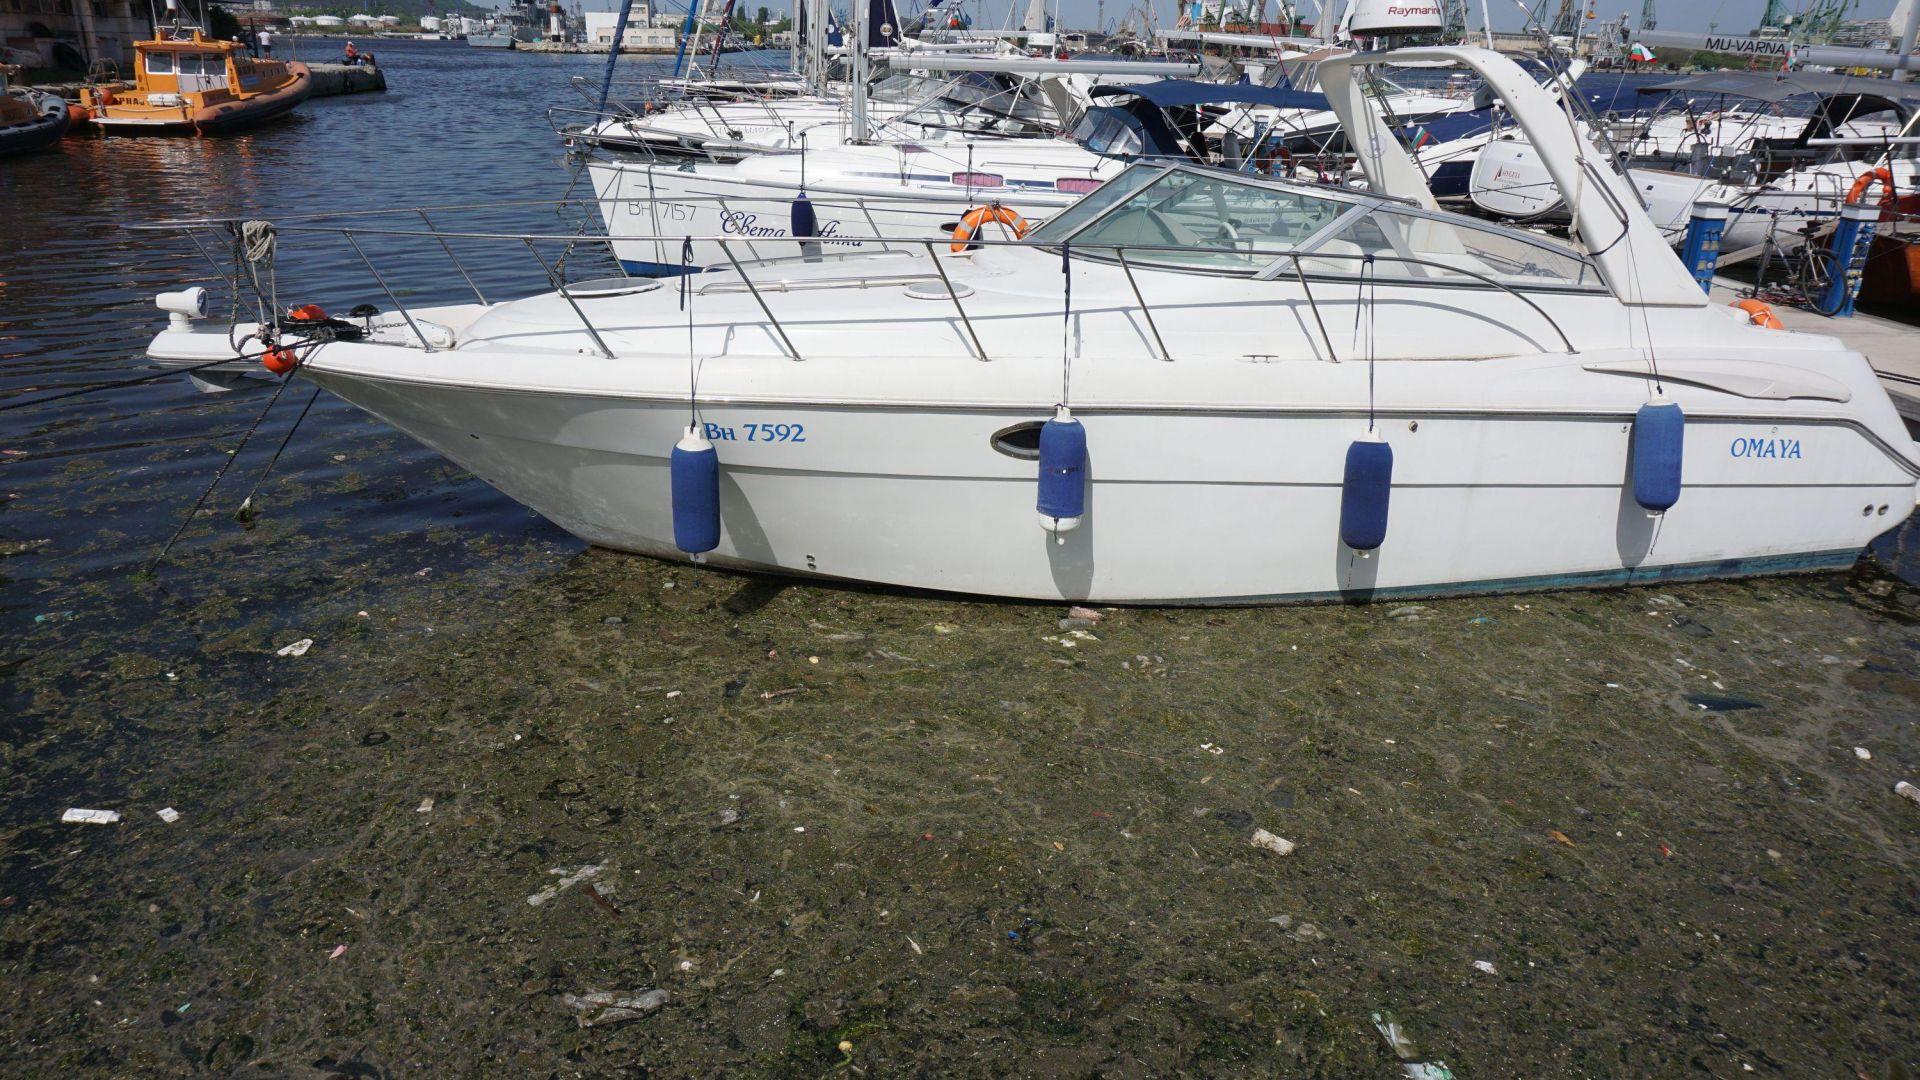 Луксозни яхти плуват във фекални води на Морска гара Варна (снимки)